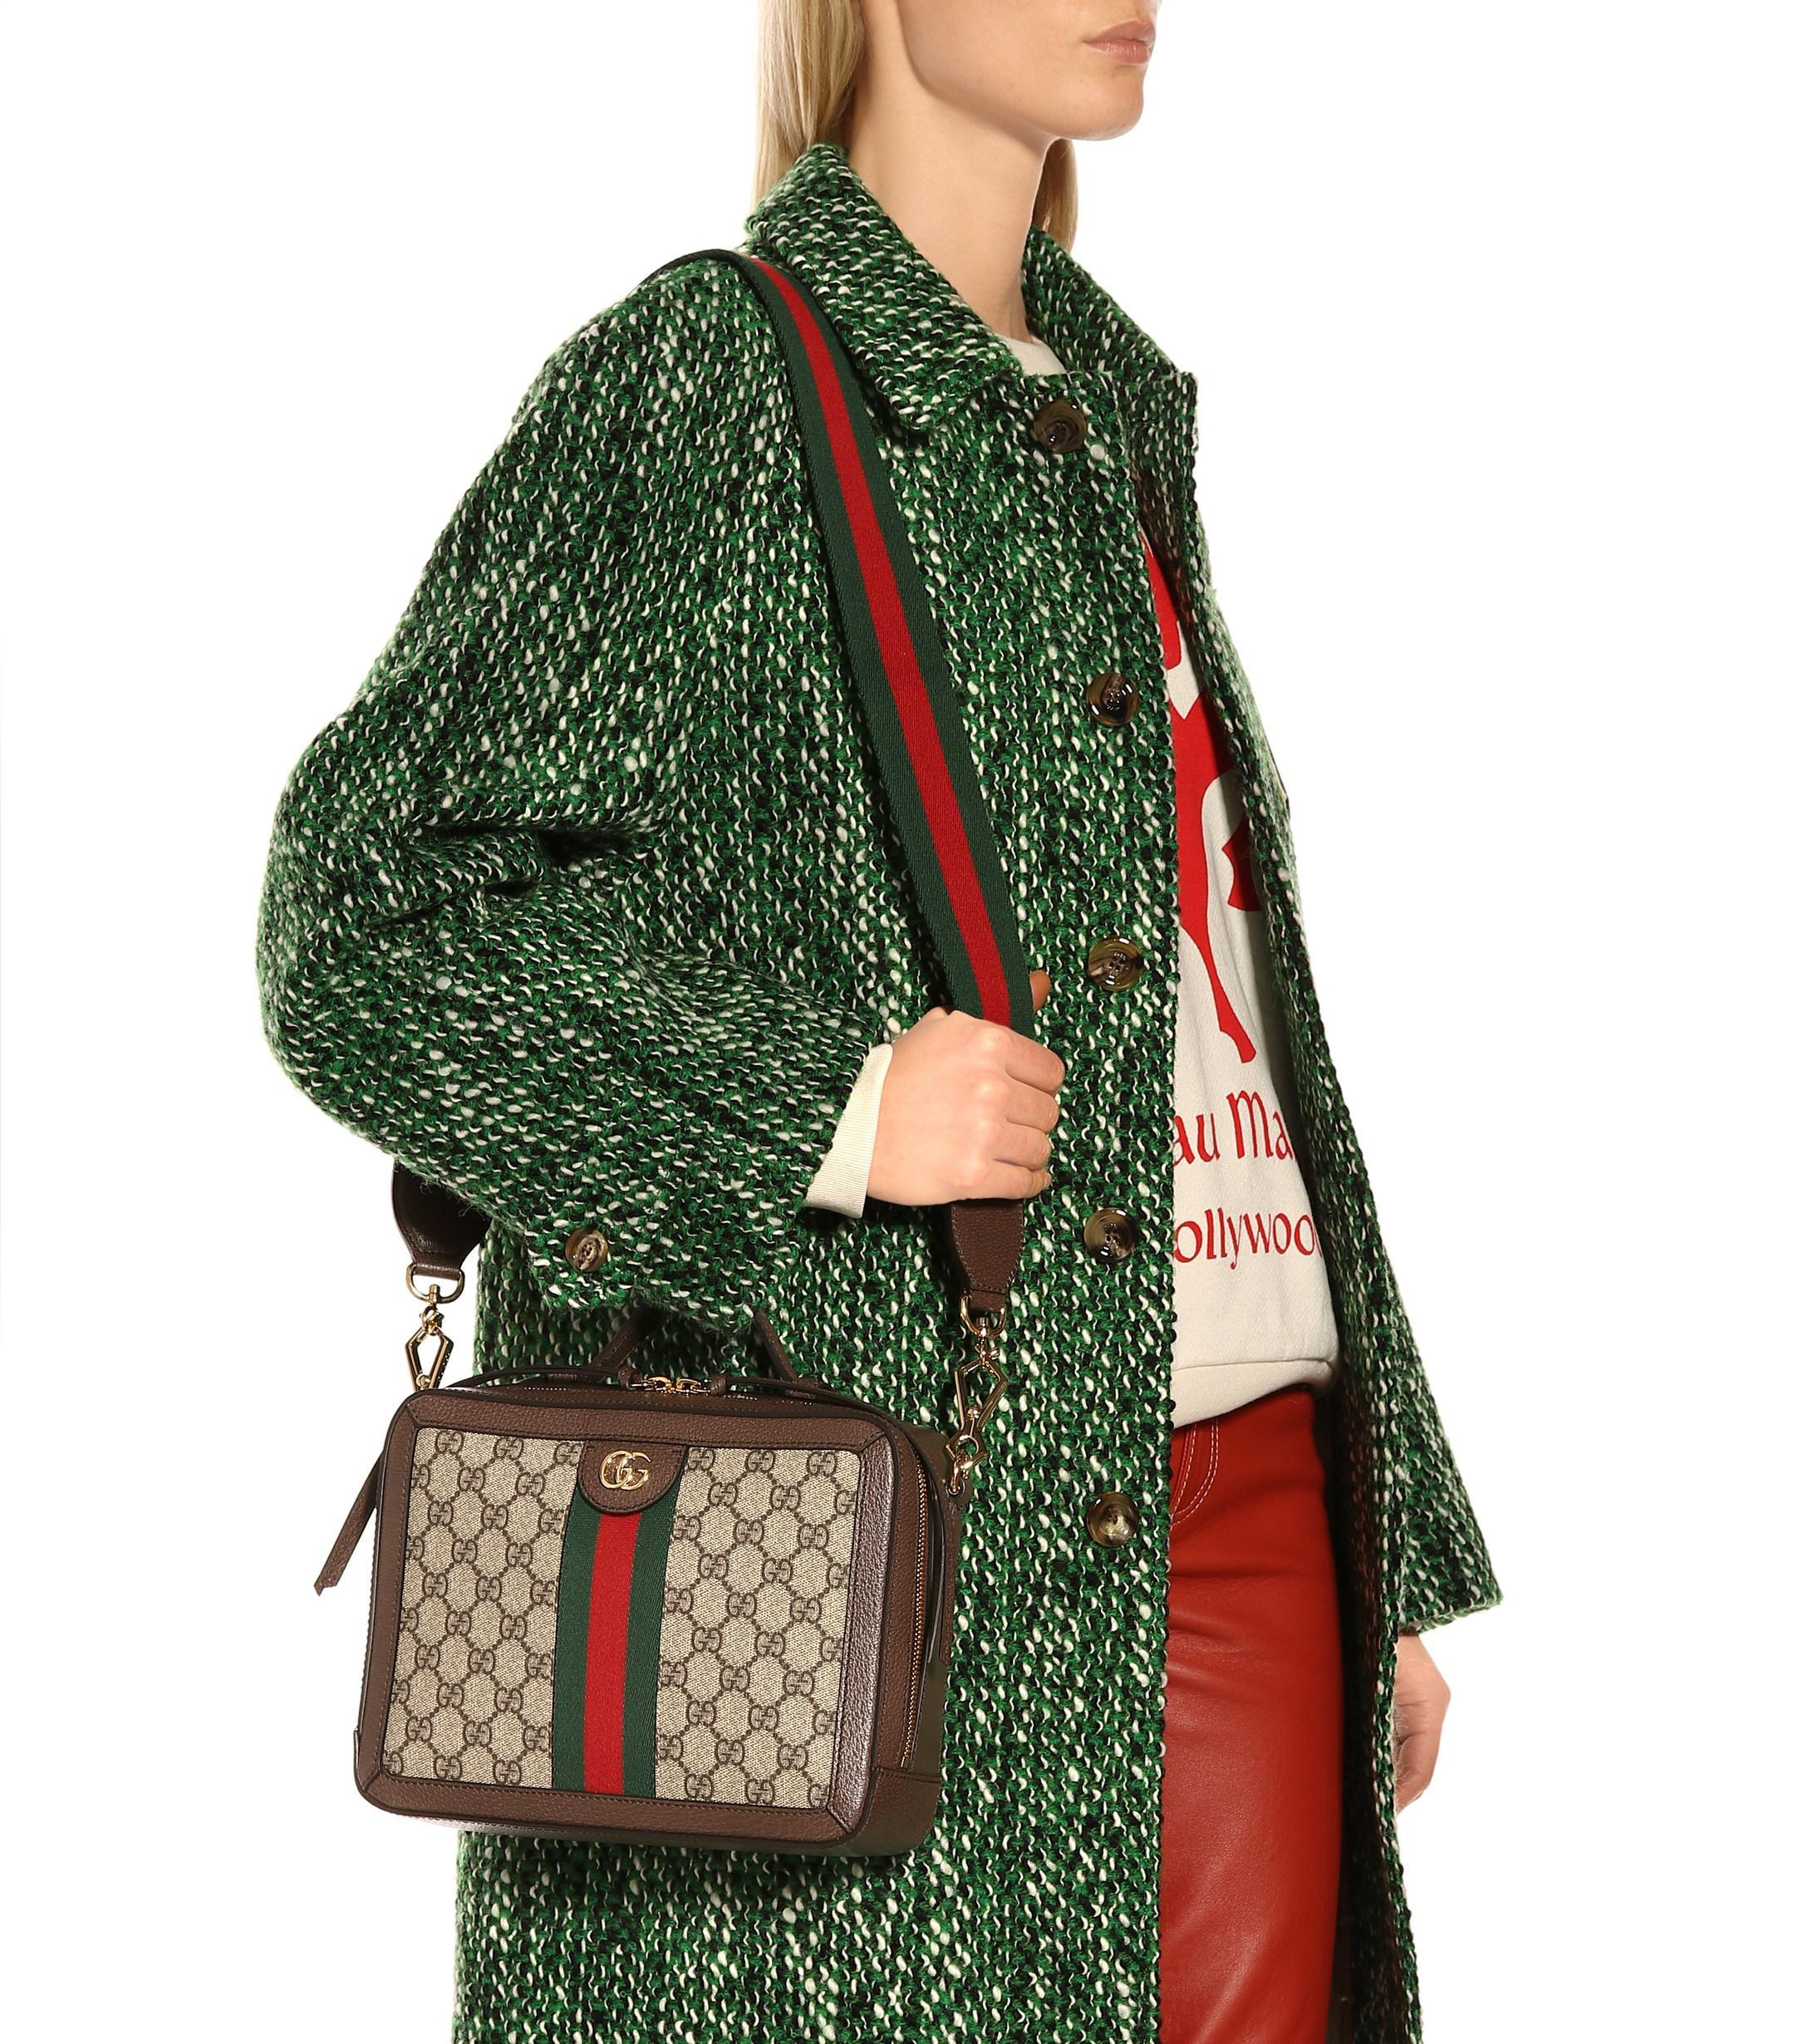 d9585f6e75c0 Gucci - Multicolor Ophidia Small GG Supreme Shoulder Bag - Lyst. View  fullscreen